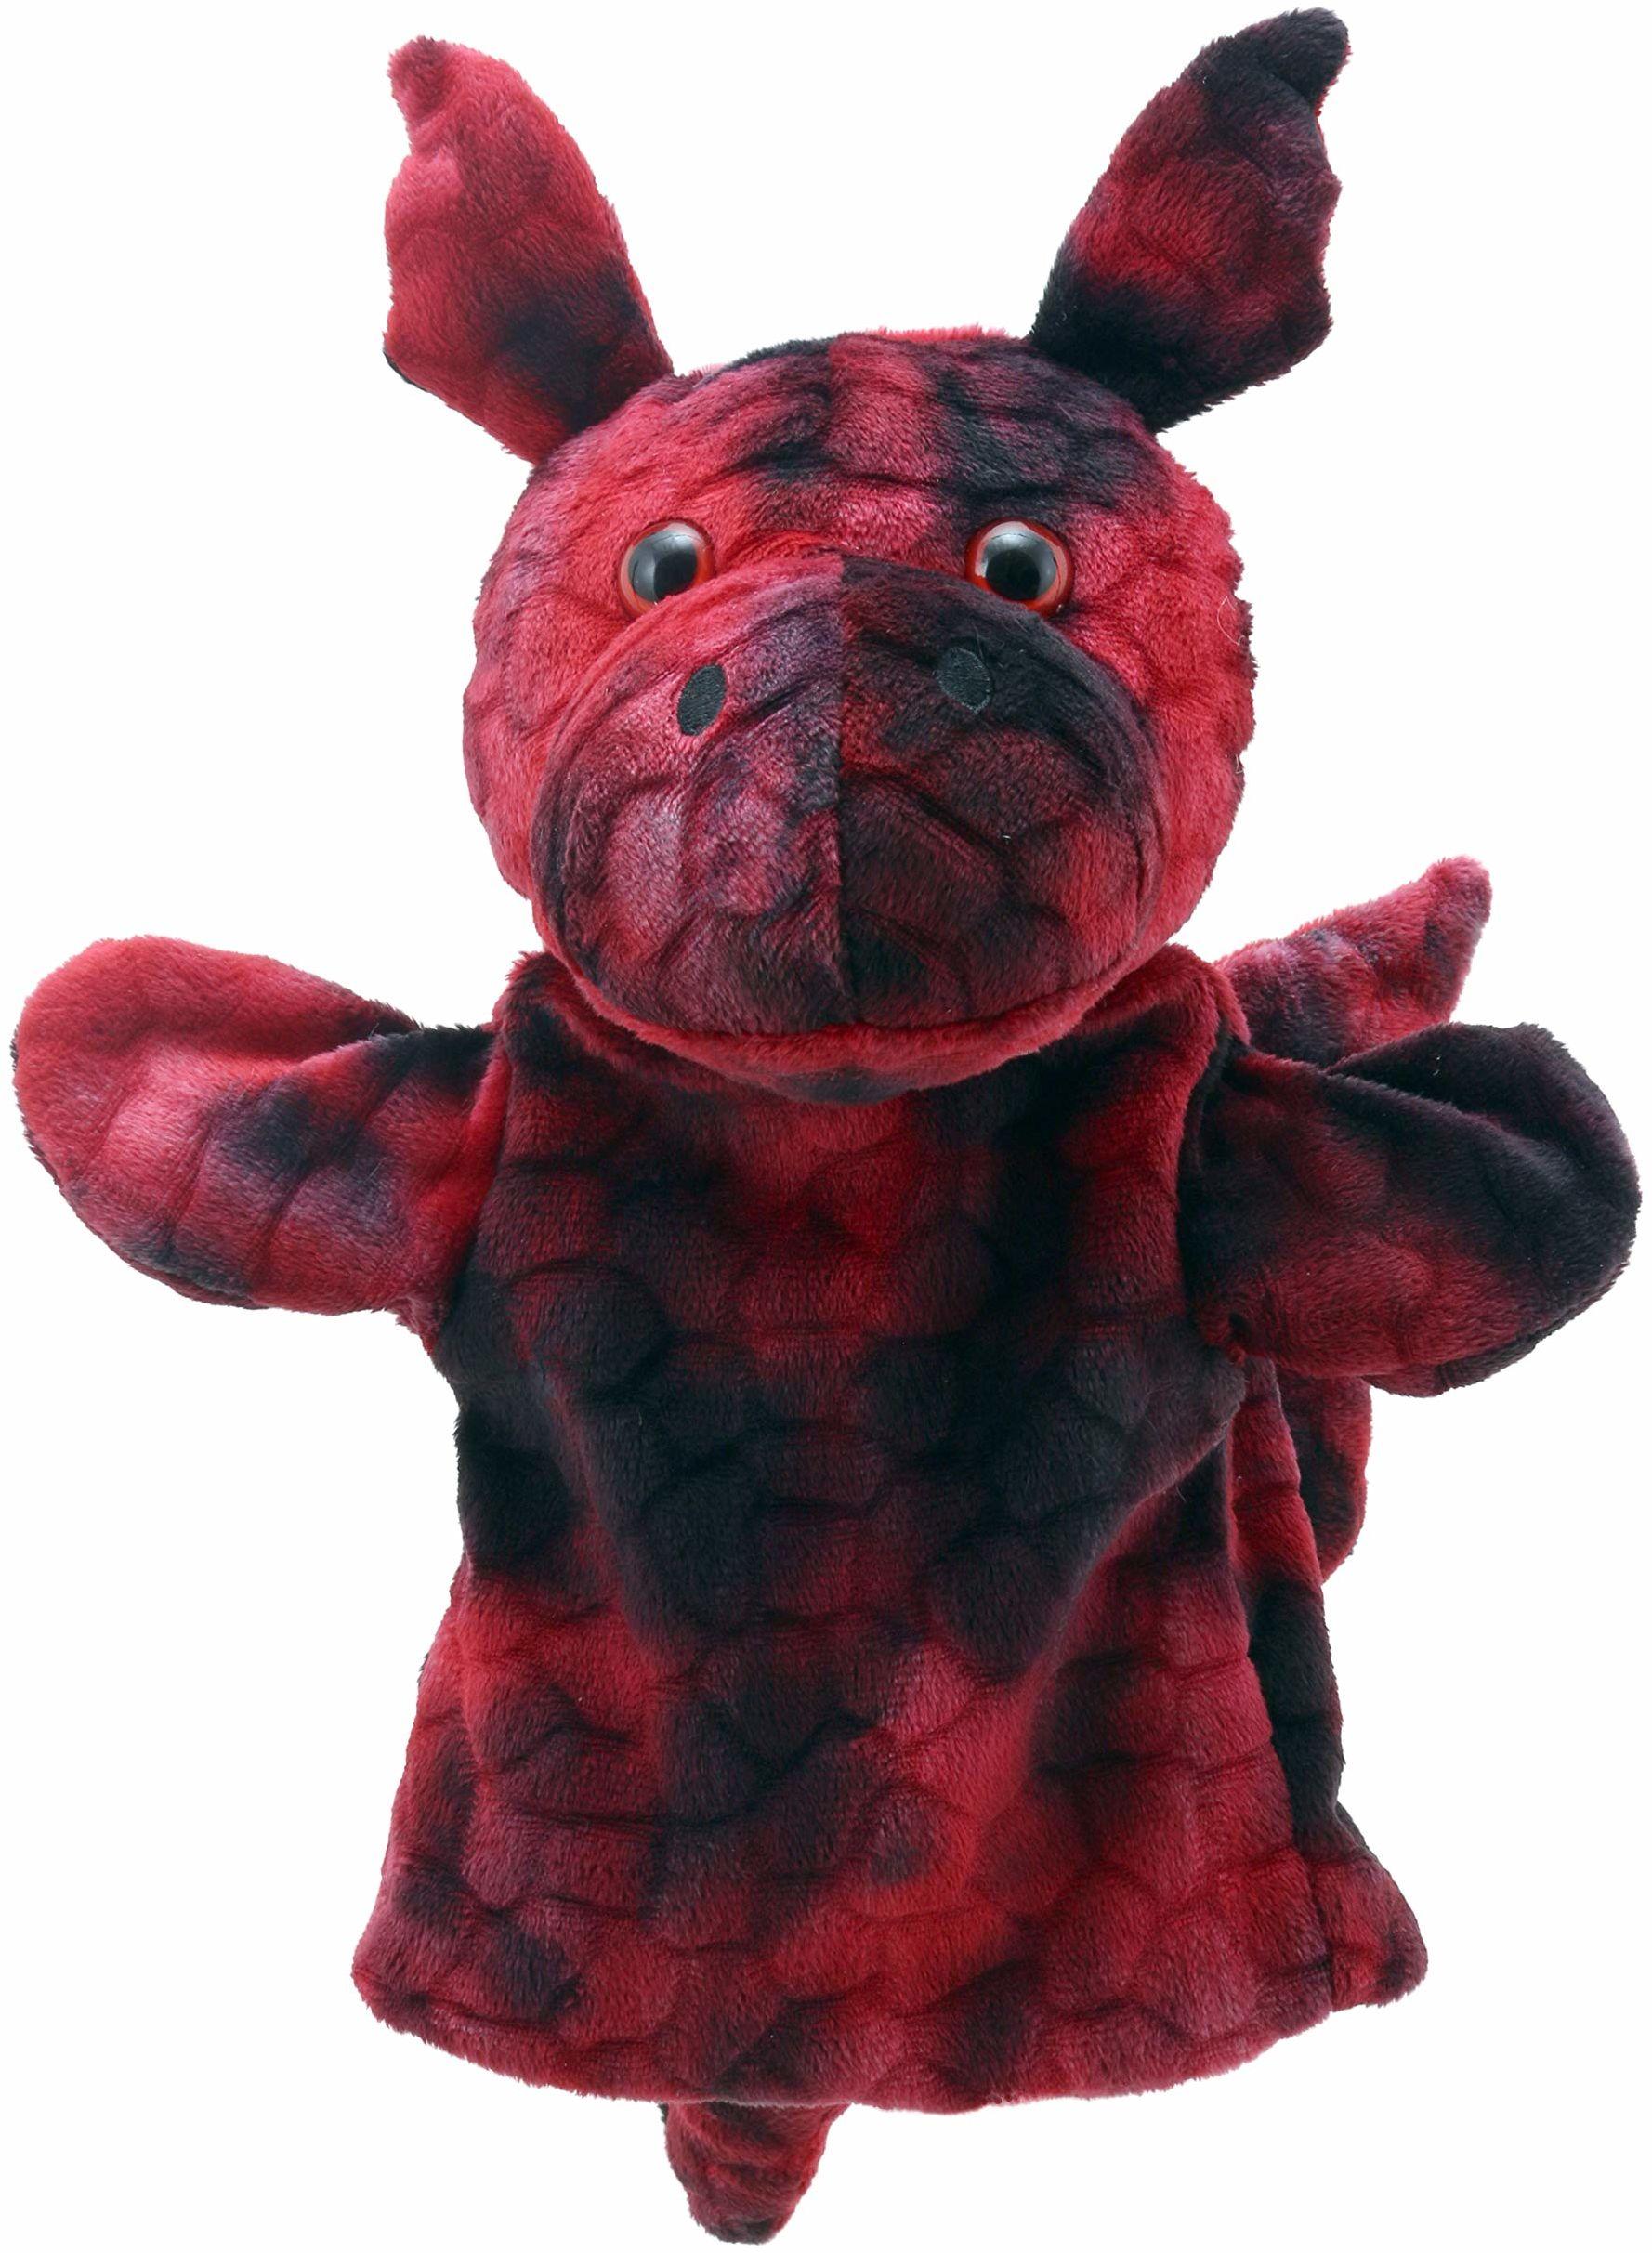 The Puppet Company - Zwierzęta laleczki kumple - smok (czerwony)